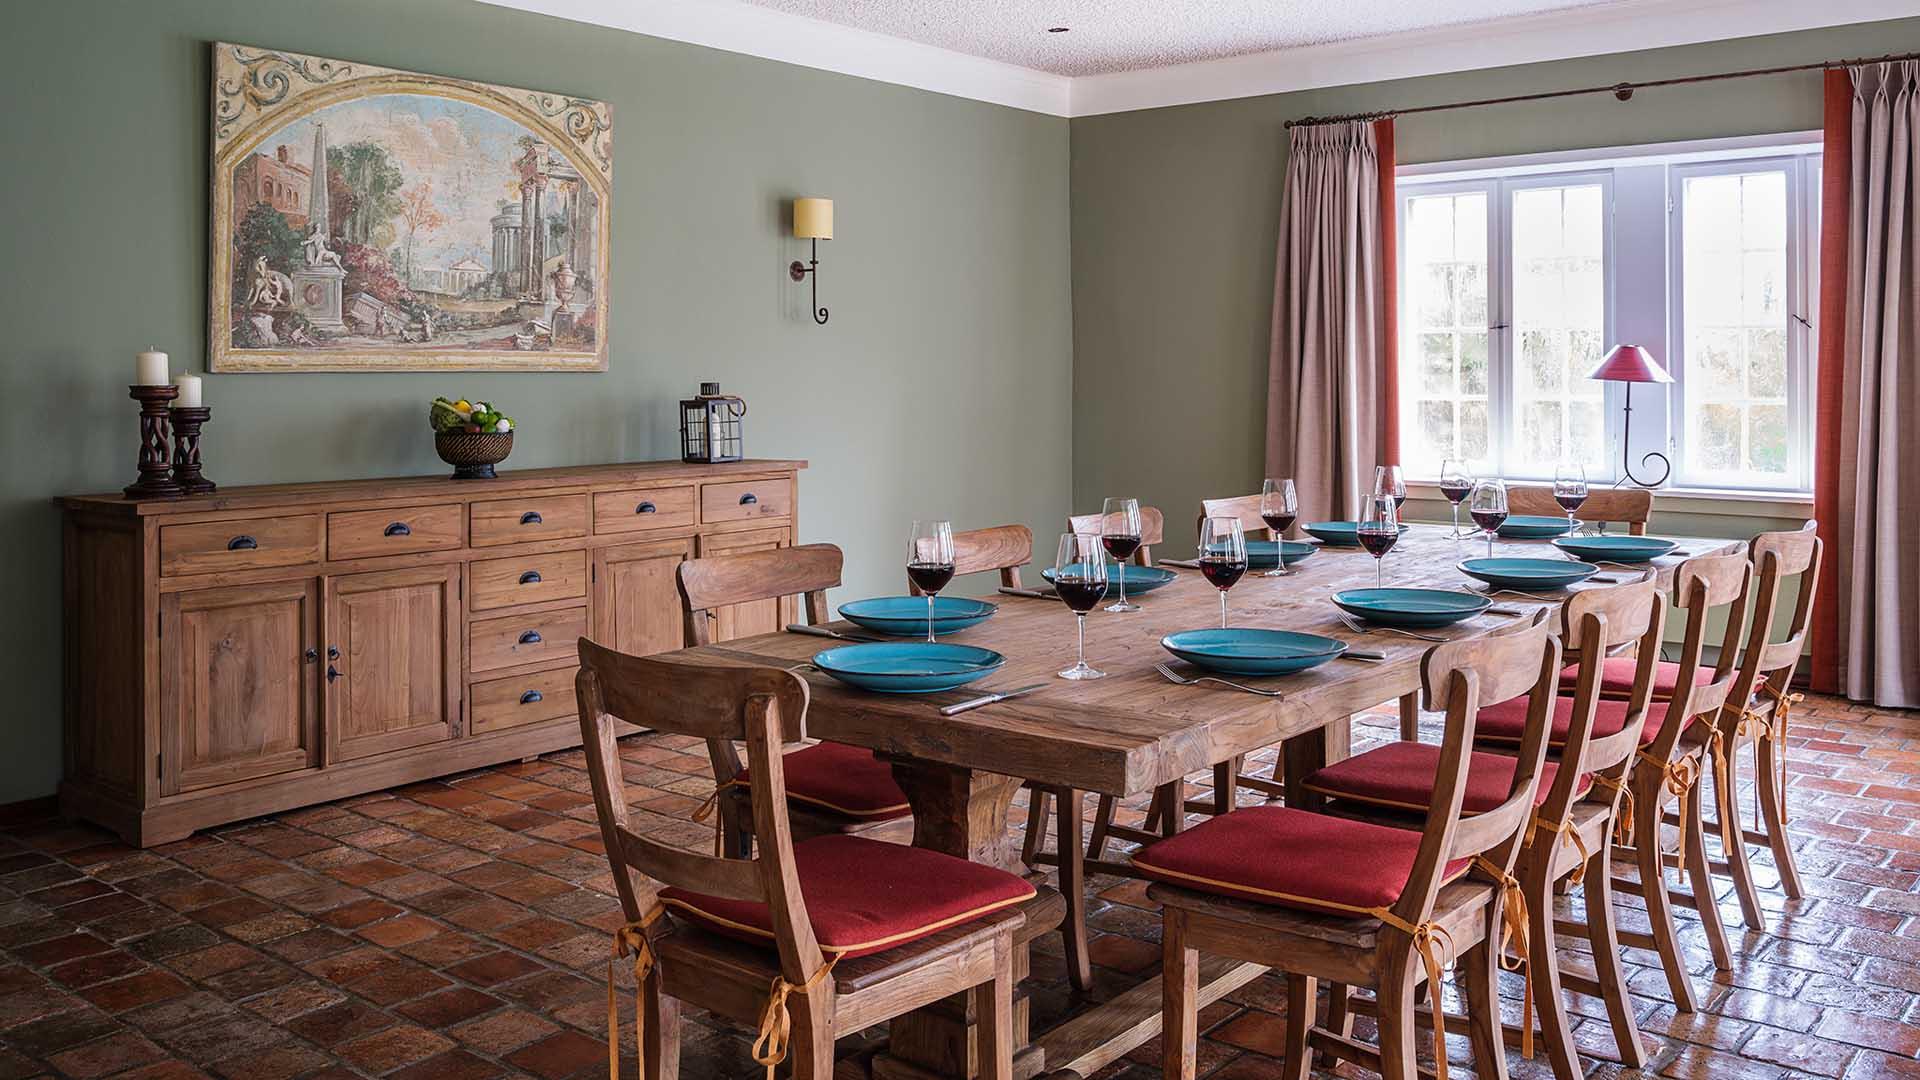 celle-althoff-hotel-f-rstenhof-palio-taverna